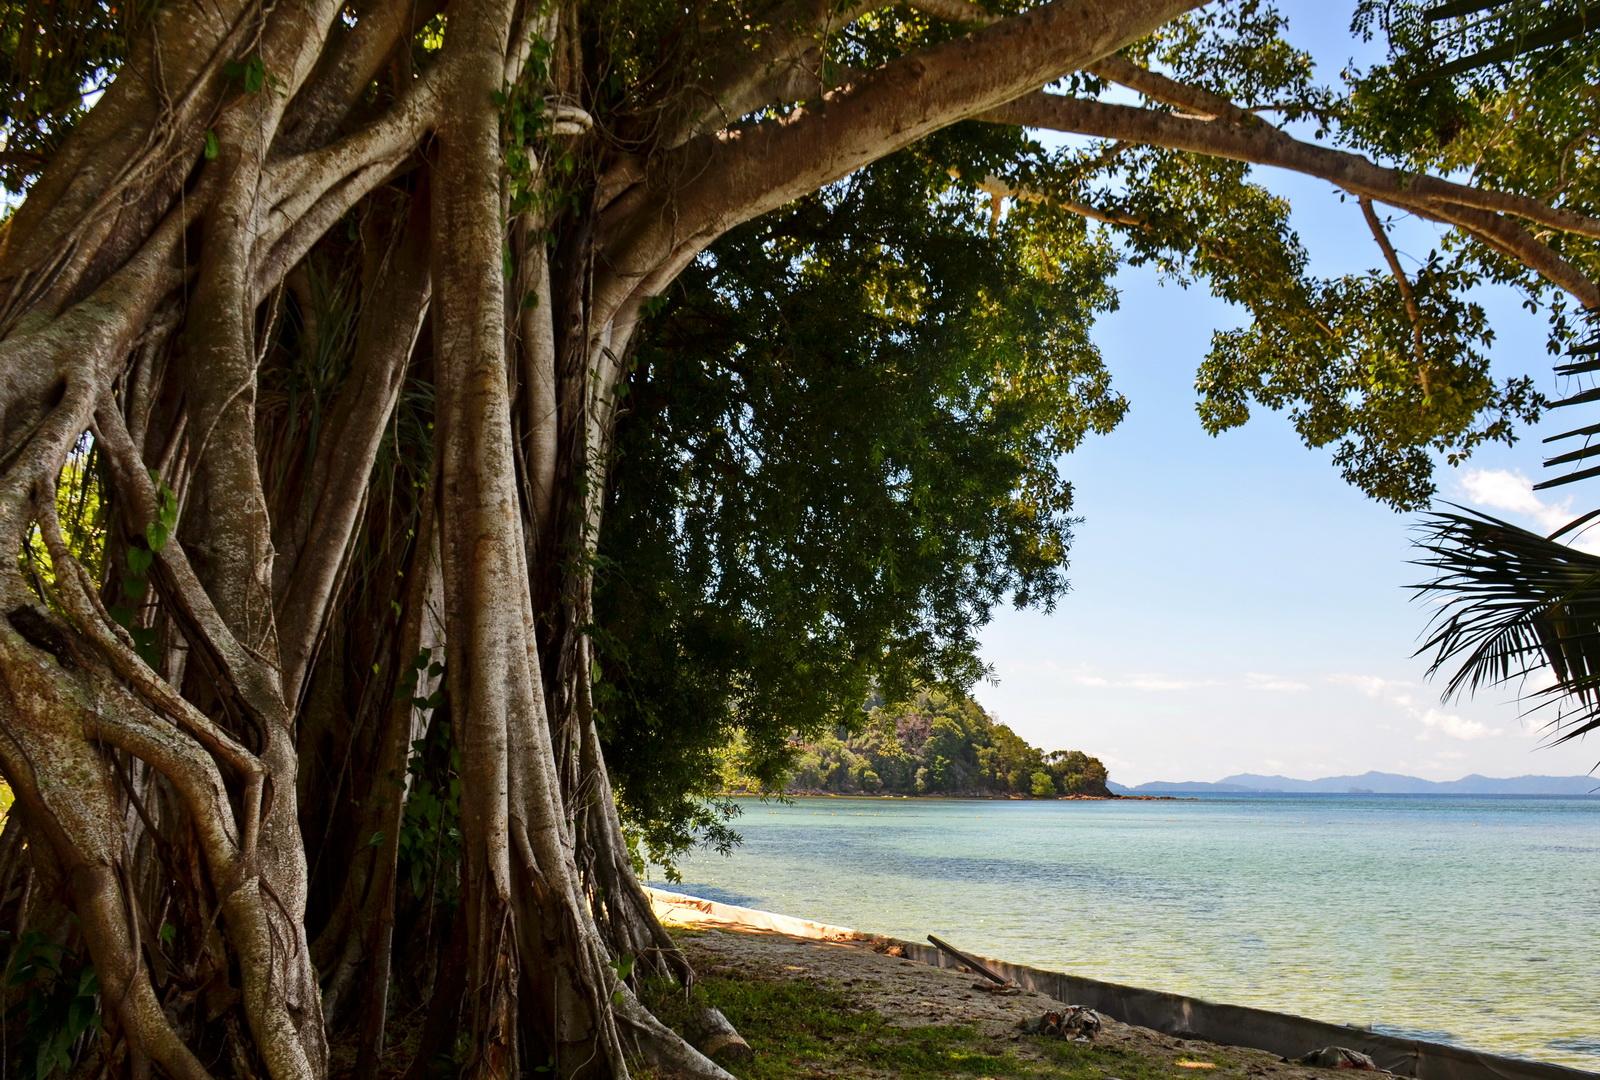 Malaysia. Nature on Dinawan island